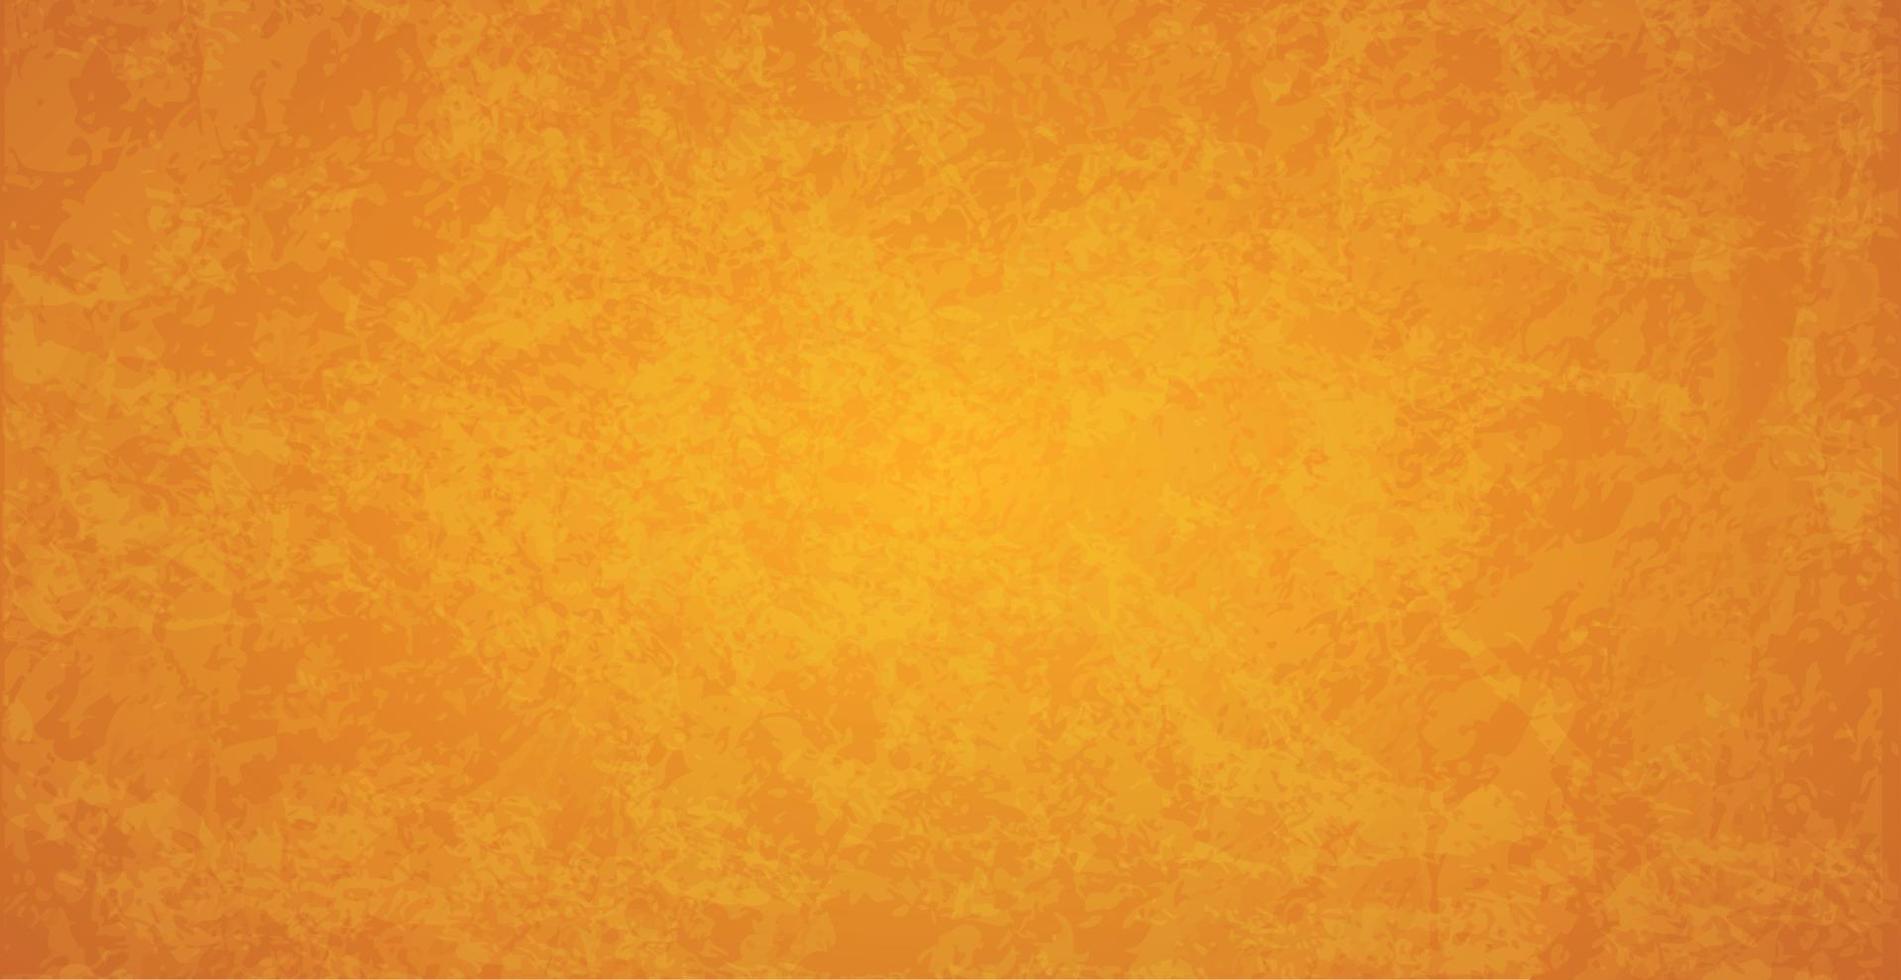 orange abstrakt texturerad grungewebbakgrund - vektor